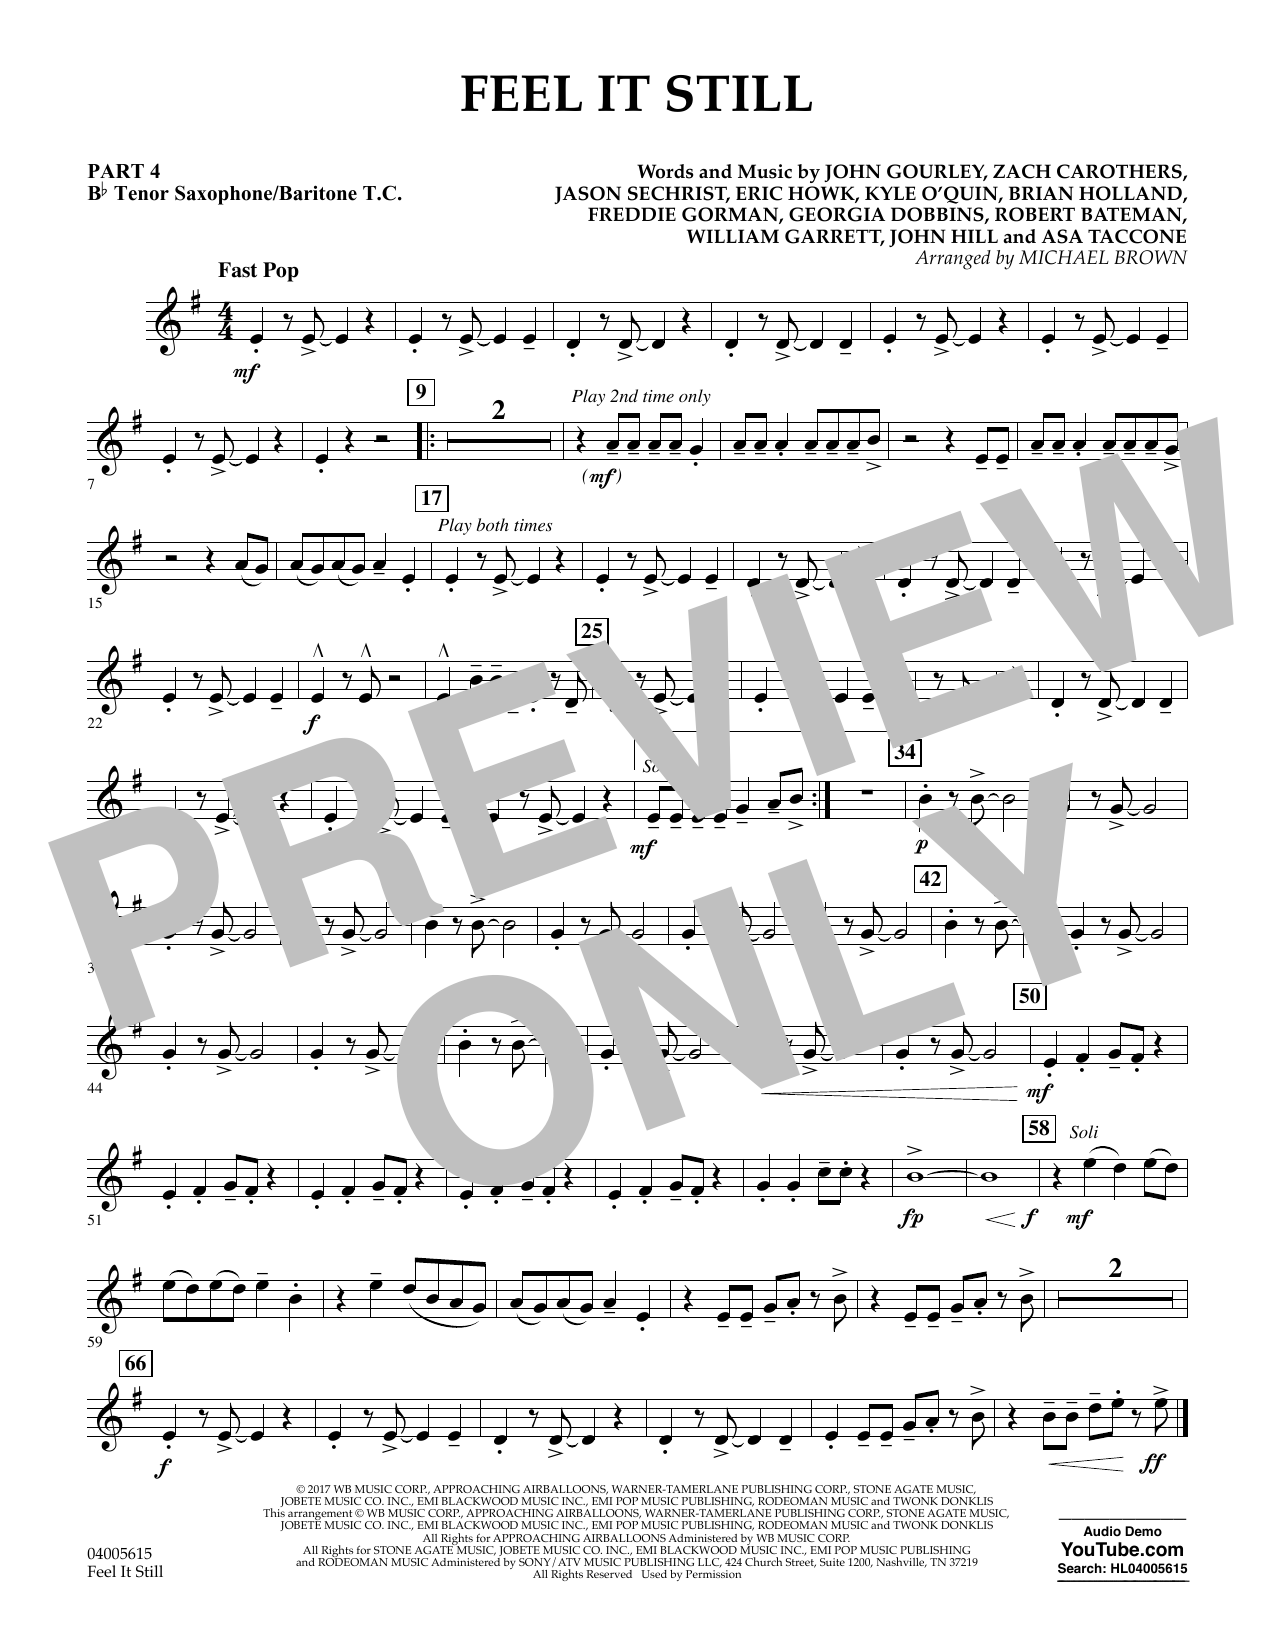 Feel It Still - Pt.4 - Bb Tenor Sax/Bar. T.C. (Flex-Band)